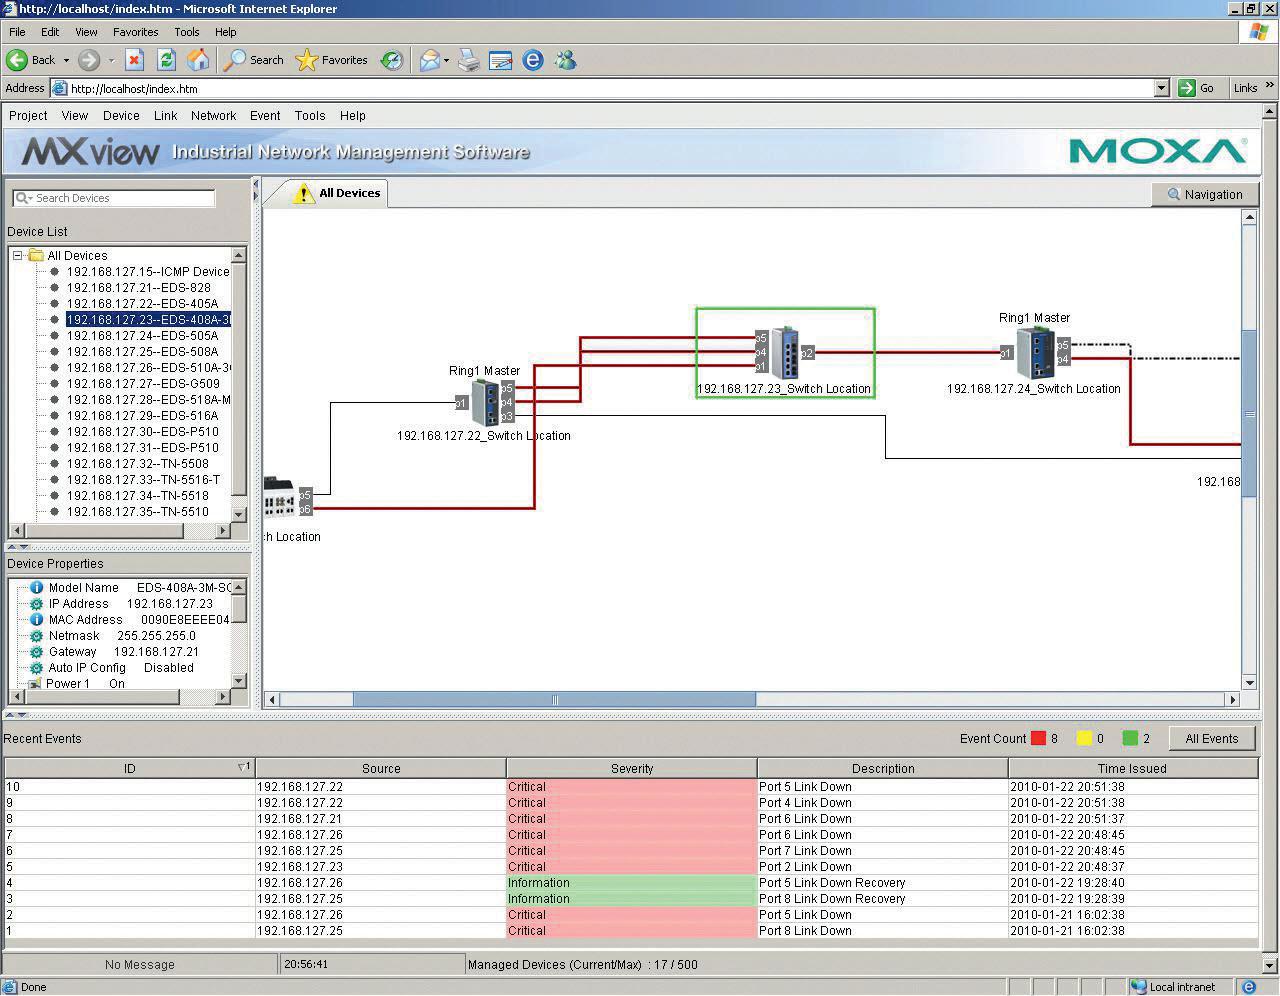 Zrzut z głównego okna MxView. W oknie wizualizacji wyraźnie widać utratę komunikacji na poszczególnych łączach (połączenia takie zostały oznaczone kolorem czerwonym)